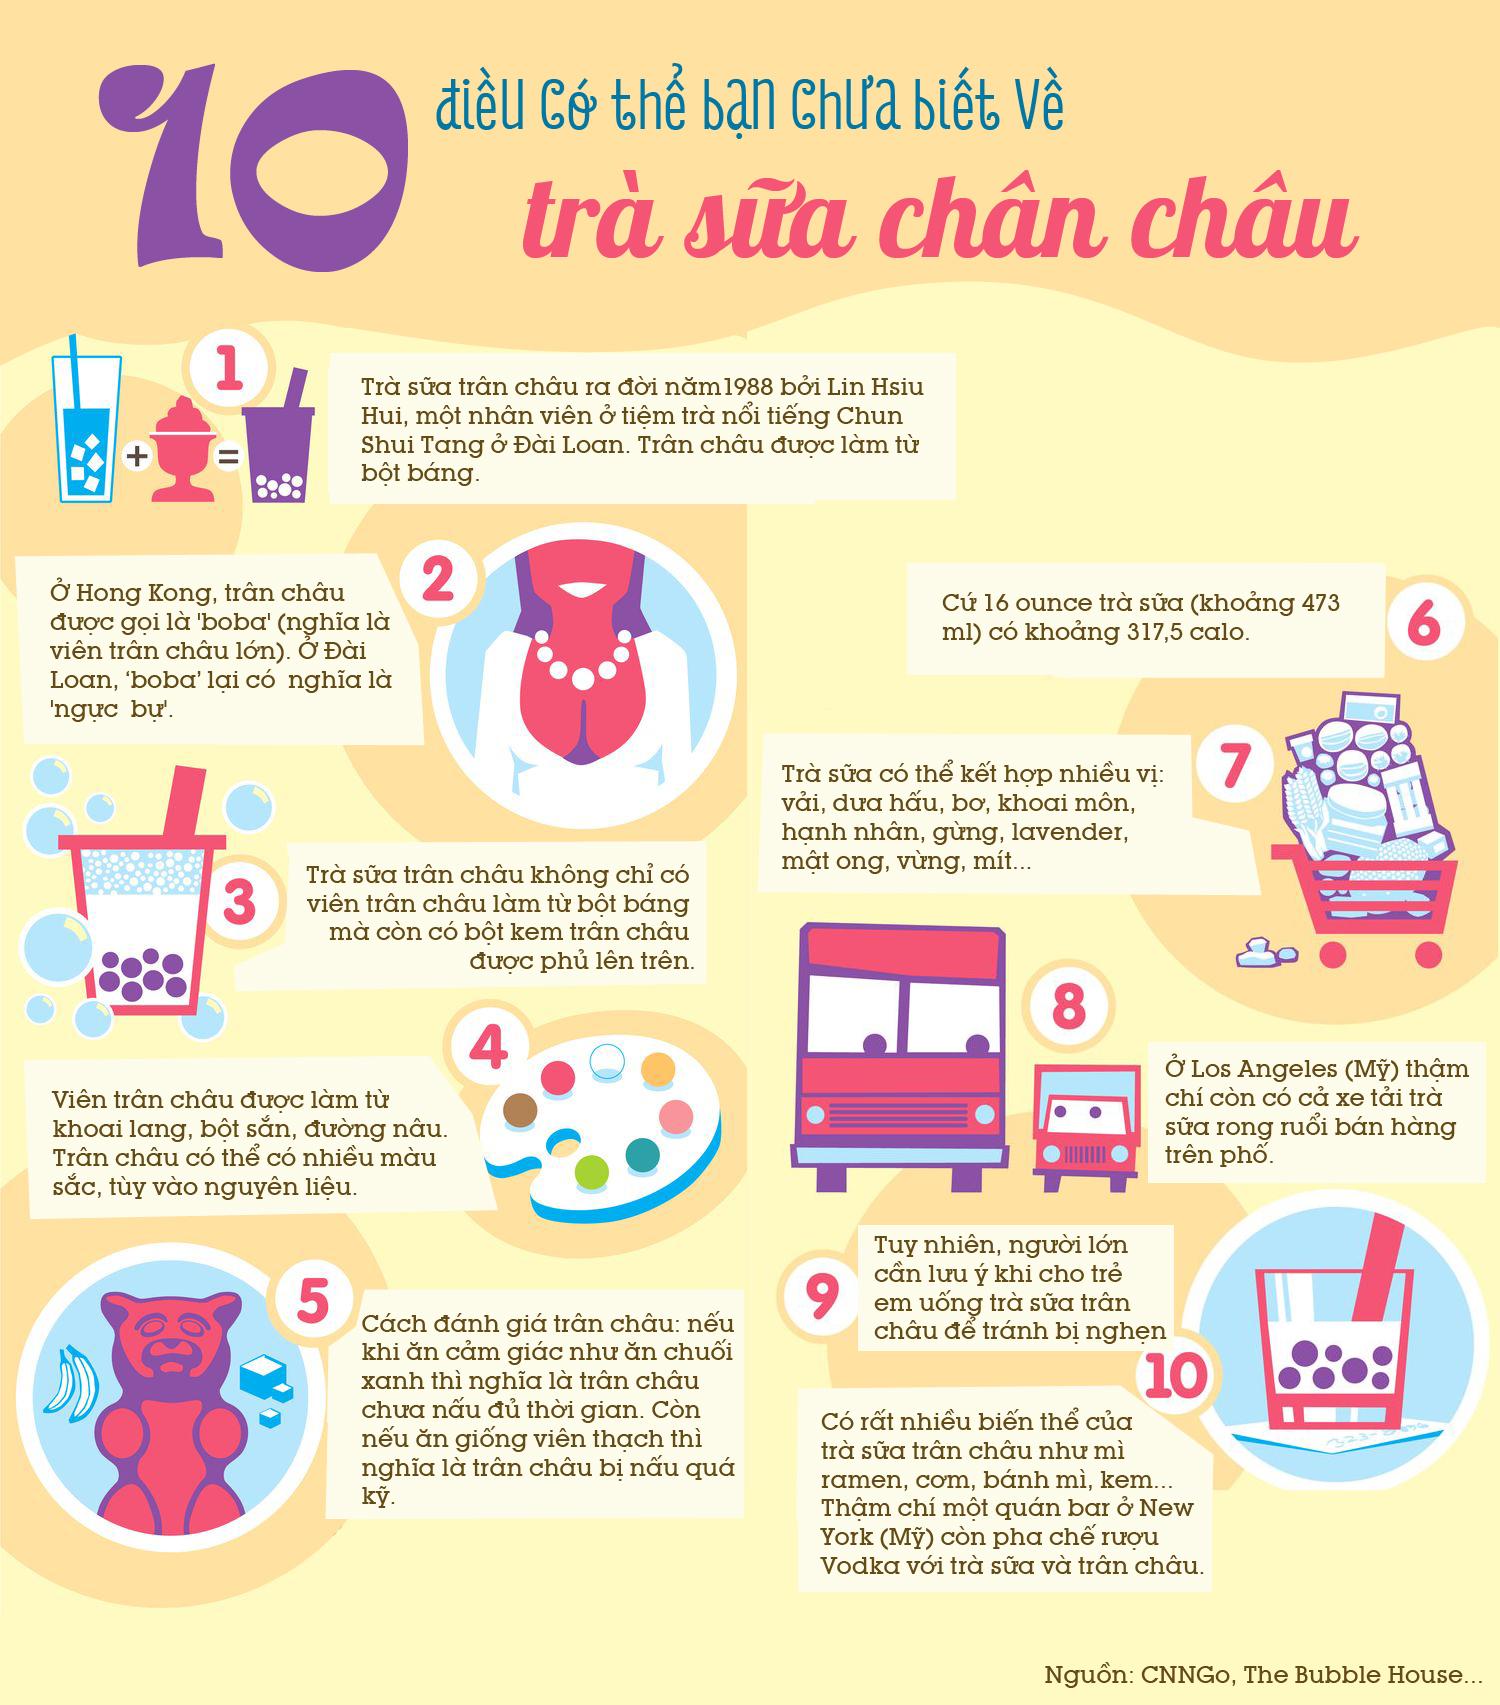 10 điều cần biết về trà sữa trân châu